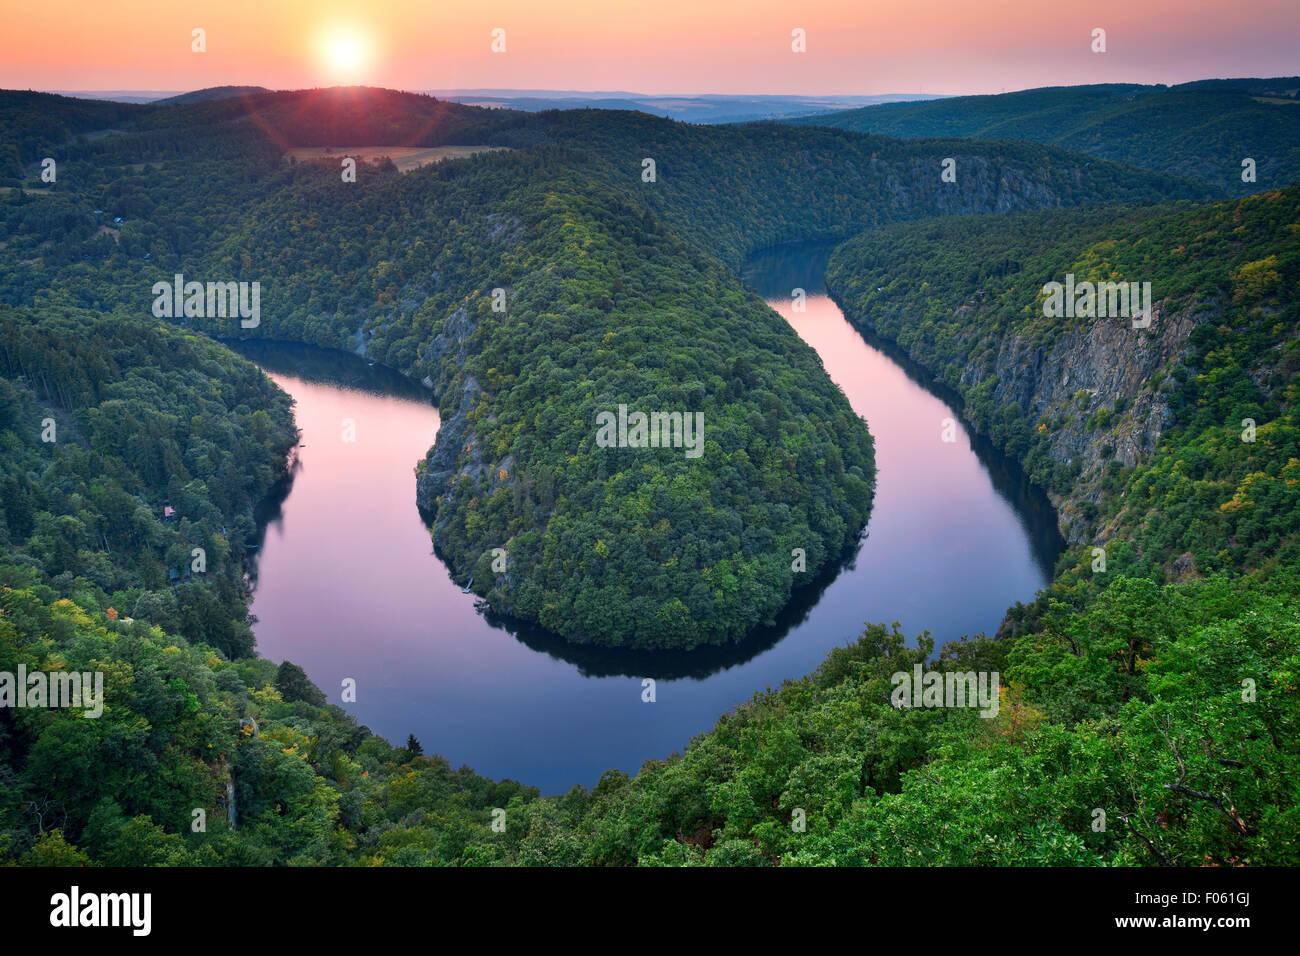 River Bend. Hermoso meandro del río Moldava en la República Checa durante el verano, la puesta de sol. Imagen De Stock